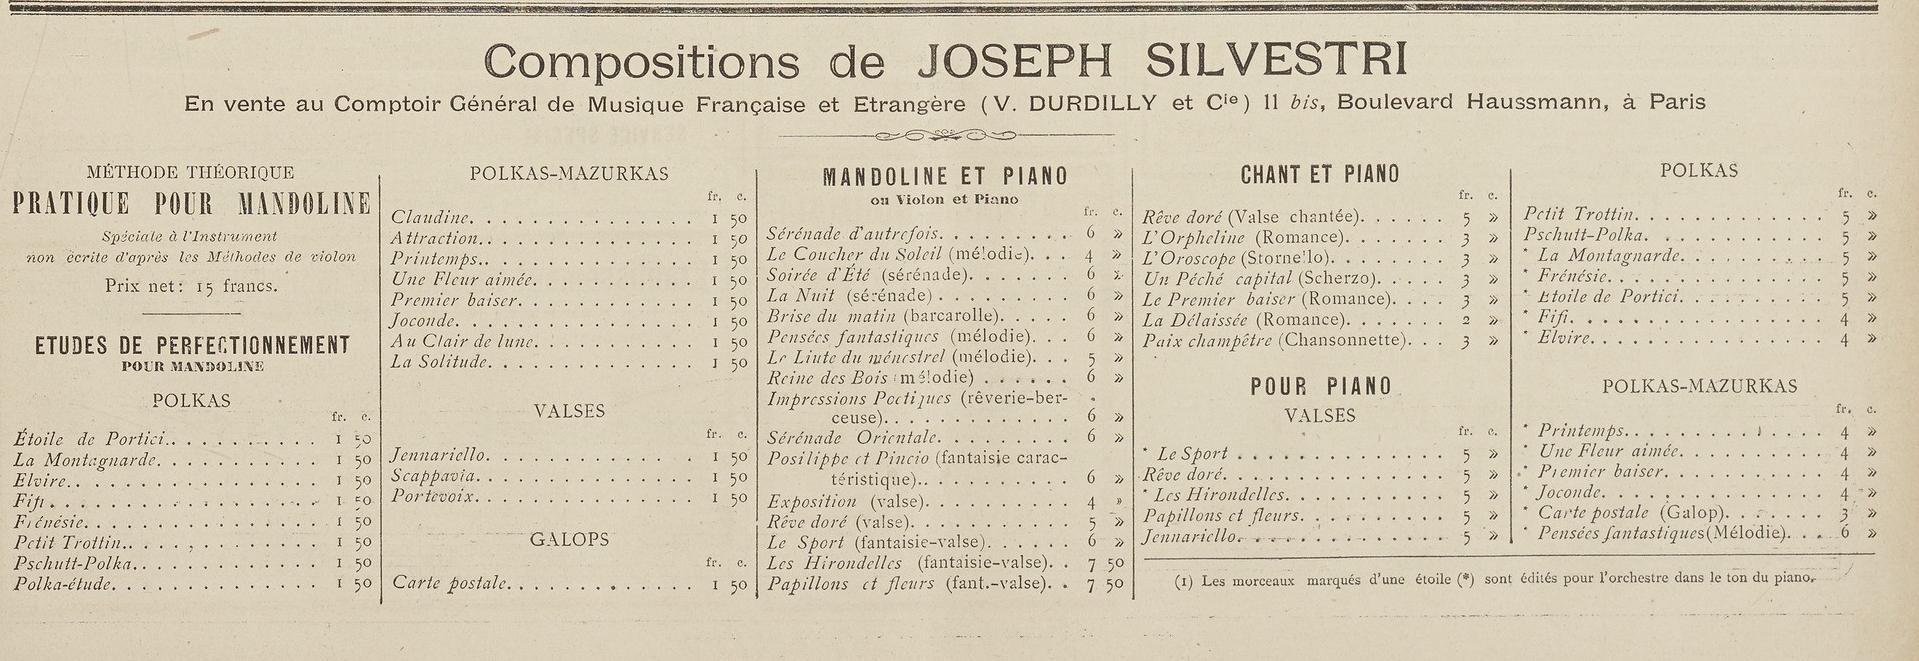 Kompositionen von J. Silvestri